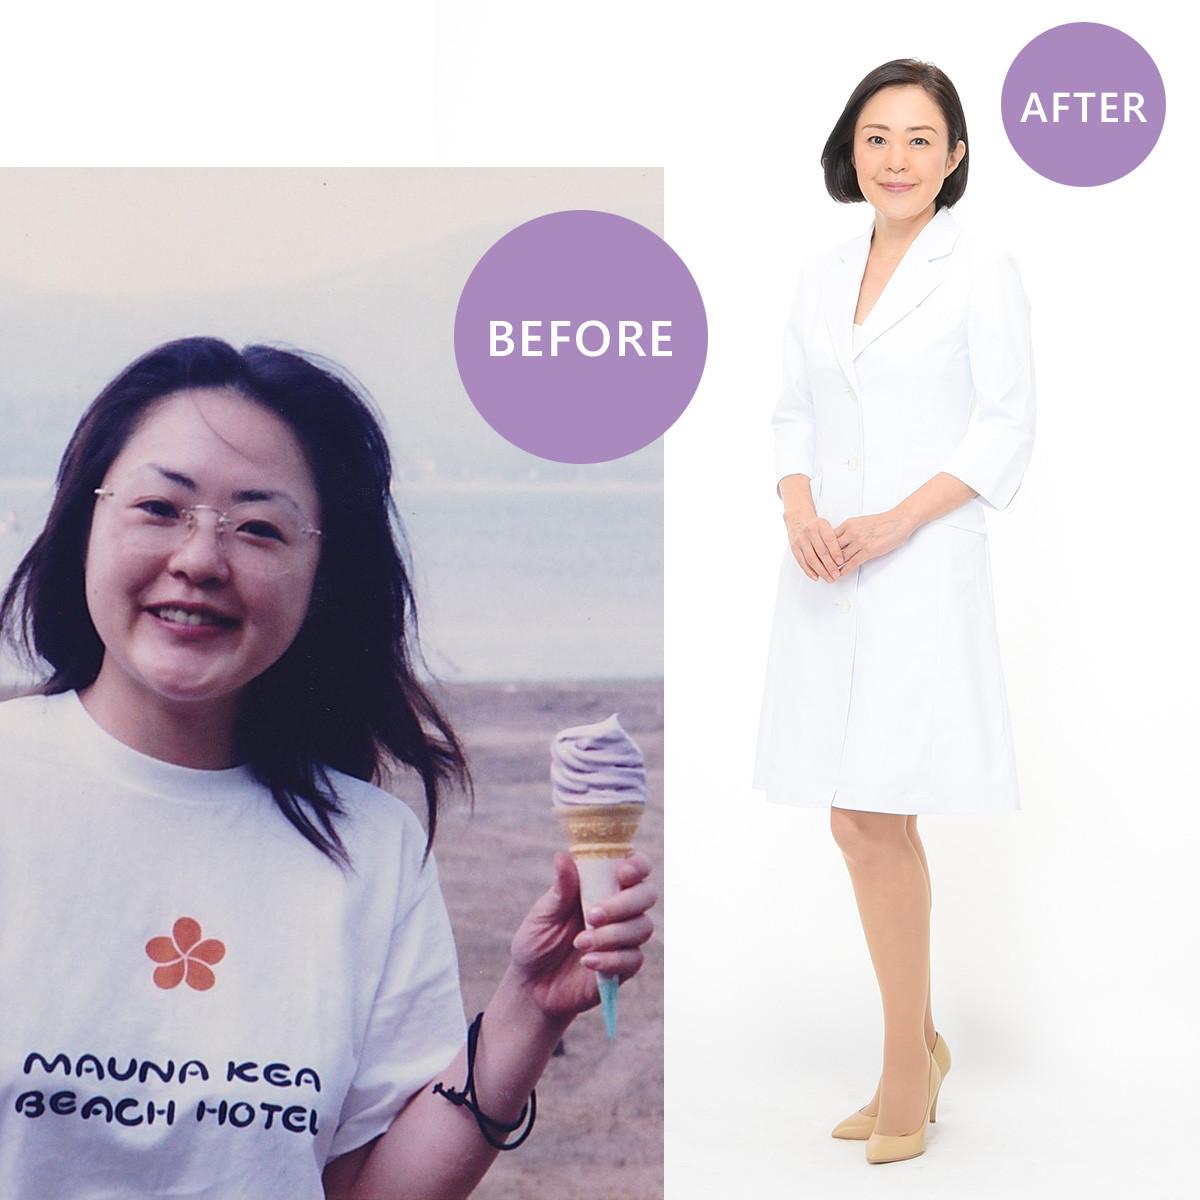 【おすすめは肉野菜炒めダイエット! 1ヶ月で20kg痩せた管理栄養士・麻生れいみさん】Before/after